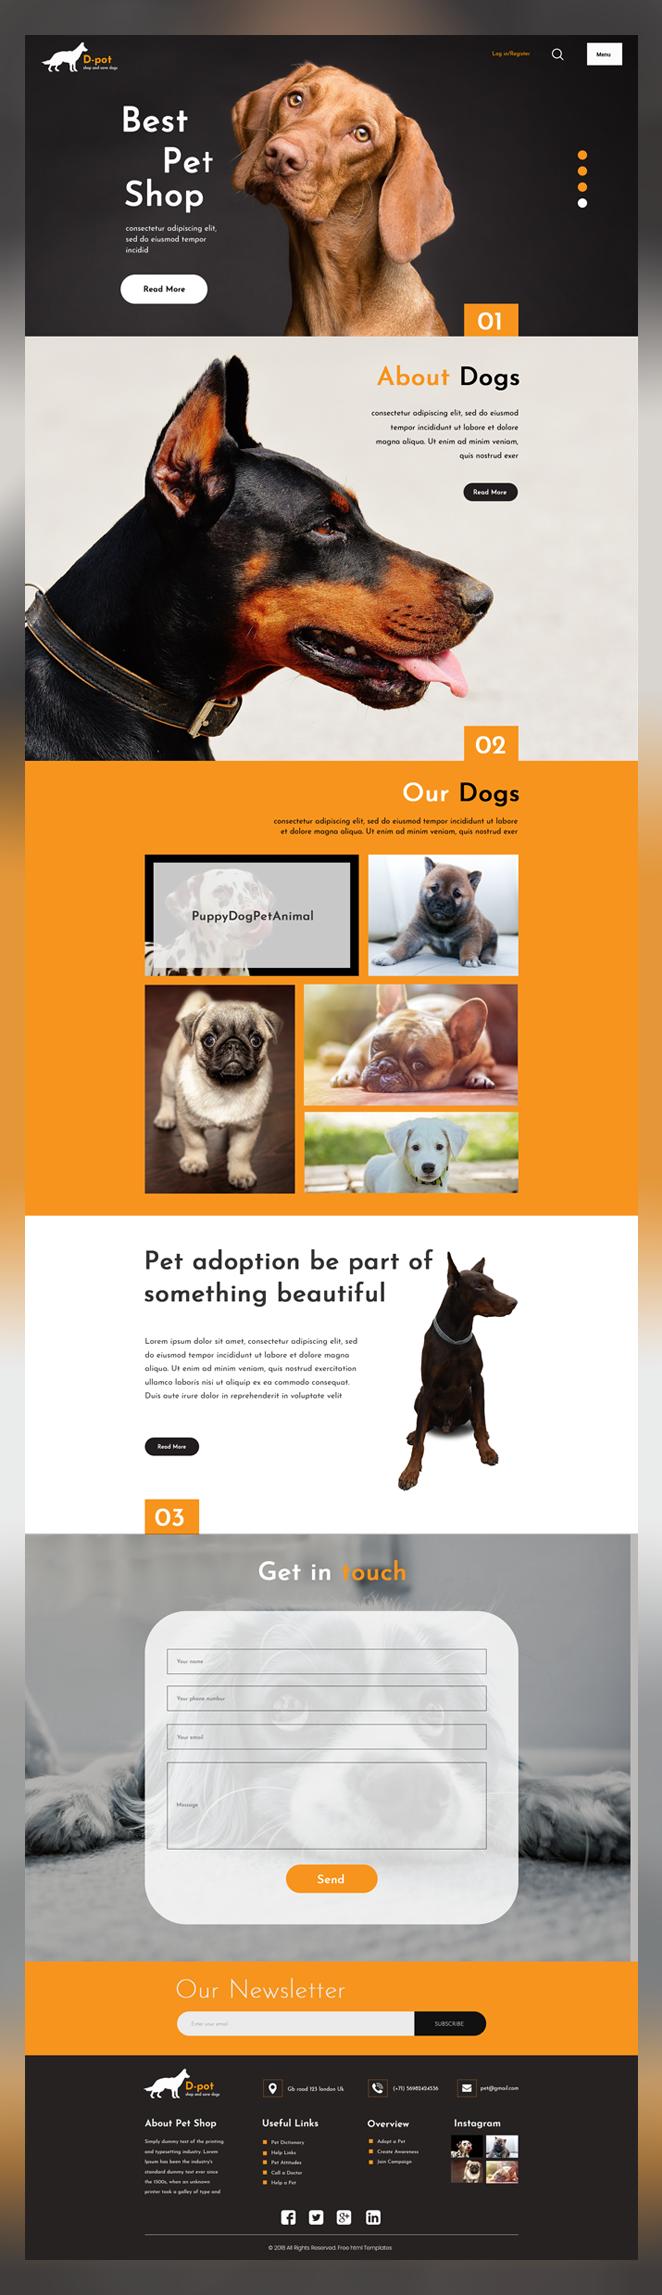 DPot pet shop psd template